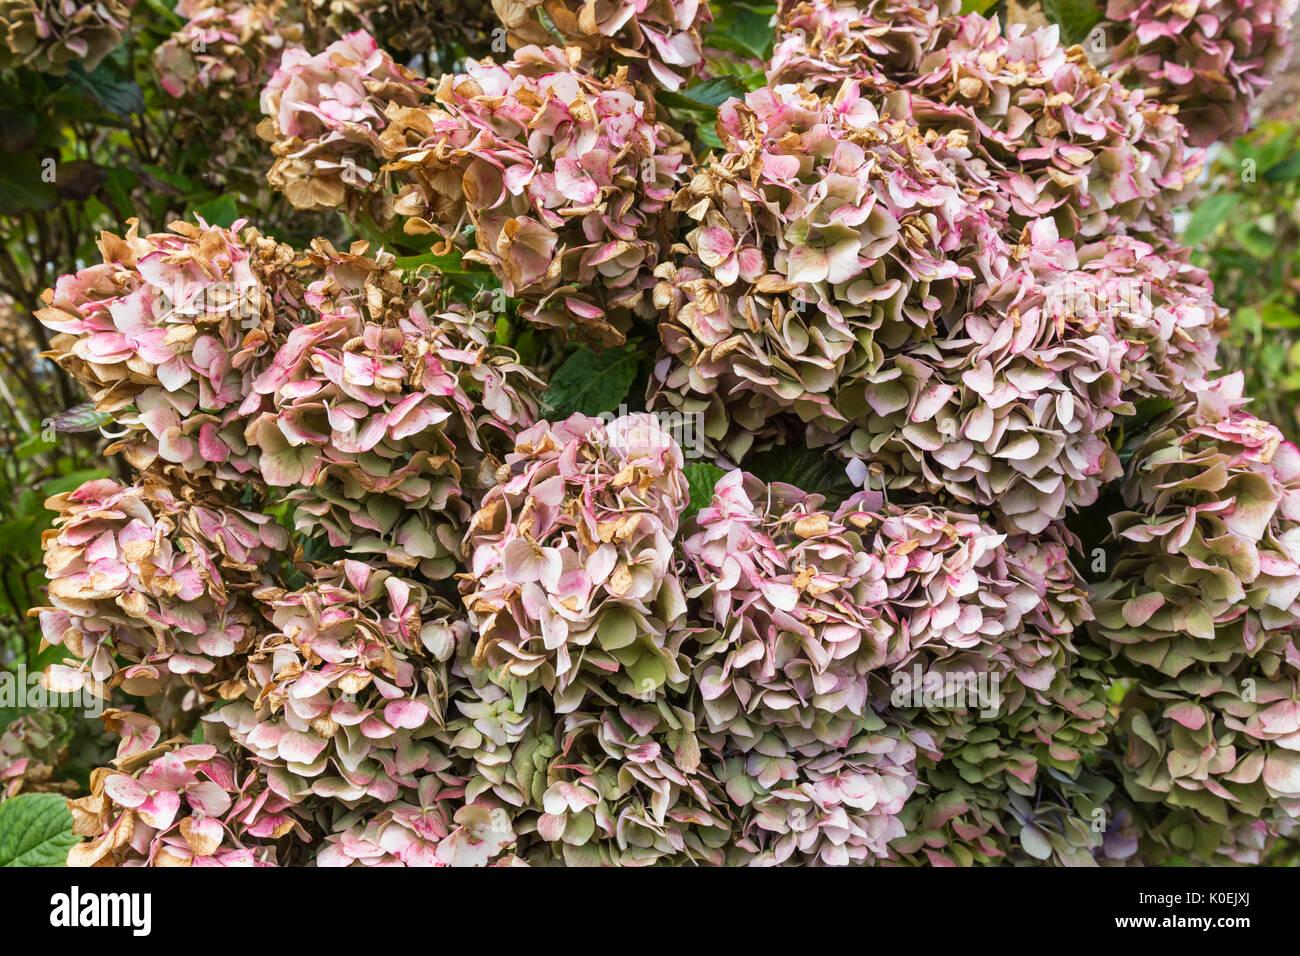 Morendo Mophead ortensie (Hydrangea macrophylla) vicino a fine estate nel West Sussex, in Inghilterra, Regno Unito. Dead ortensie. Immagini Stock